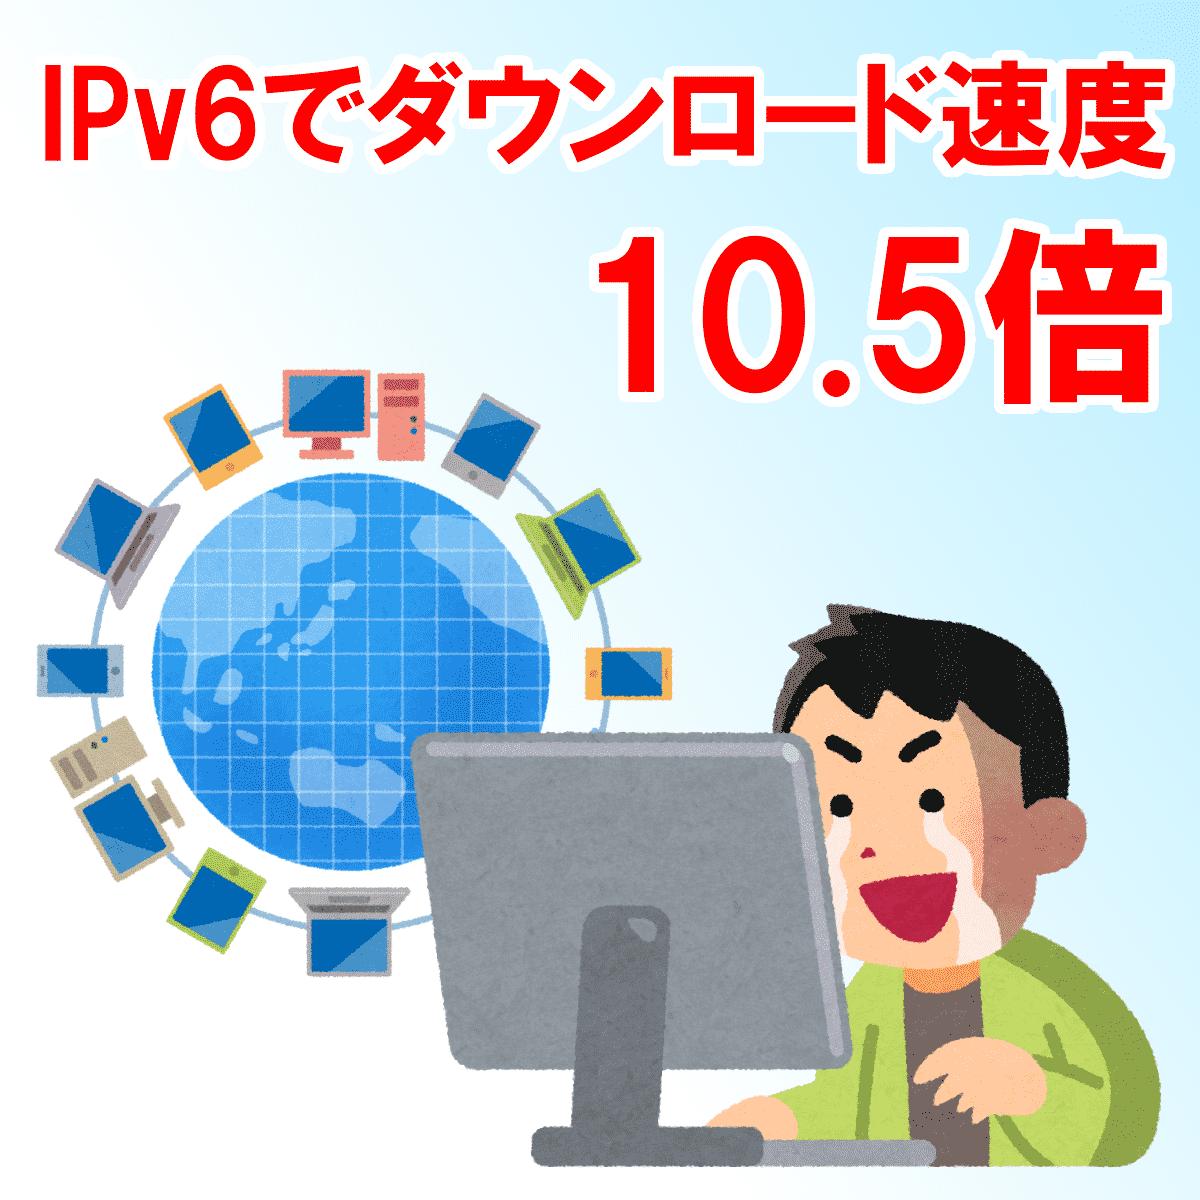 アイキャッチ:IPv6に変えたらインターネット回線の速度が10.5倍になった話